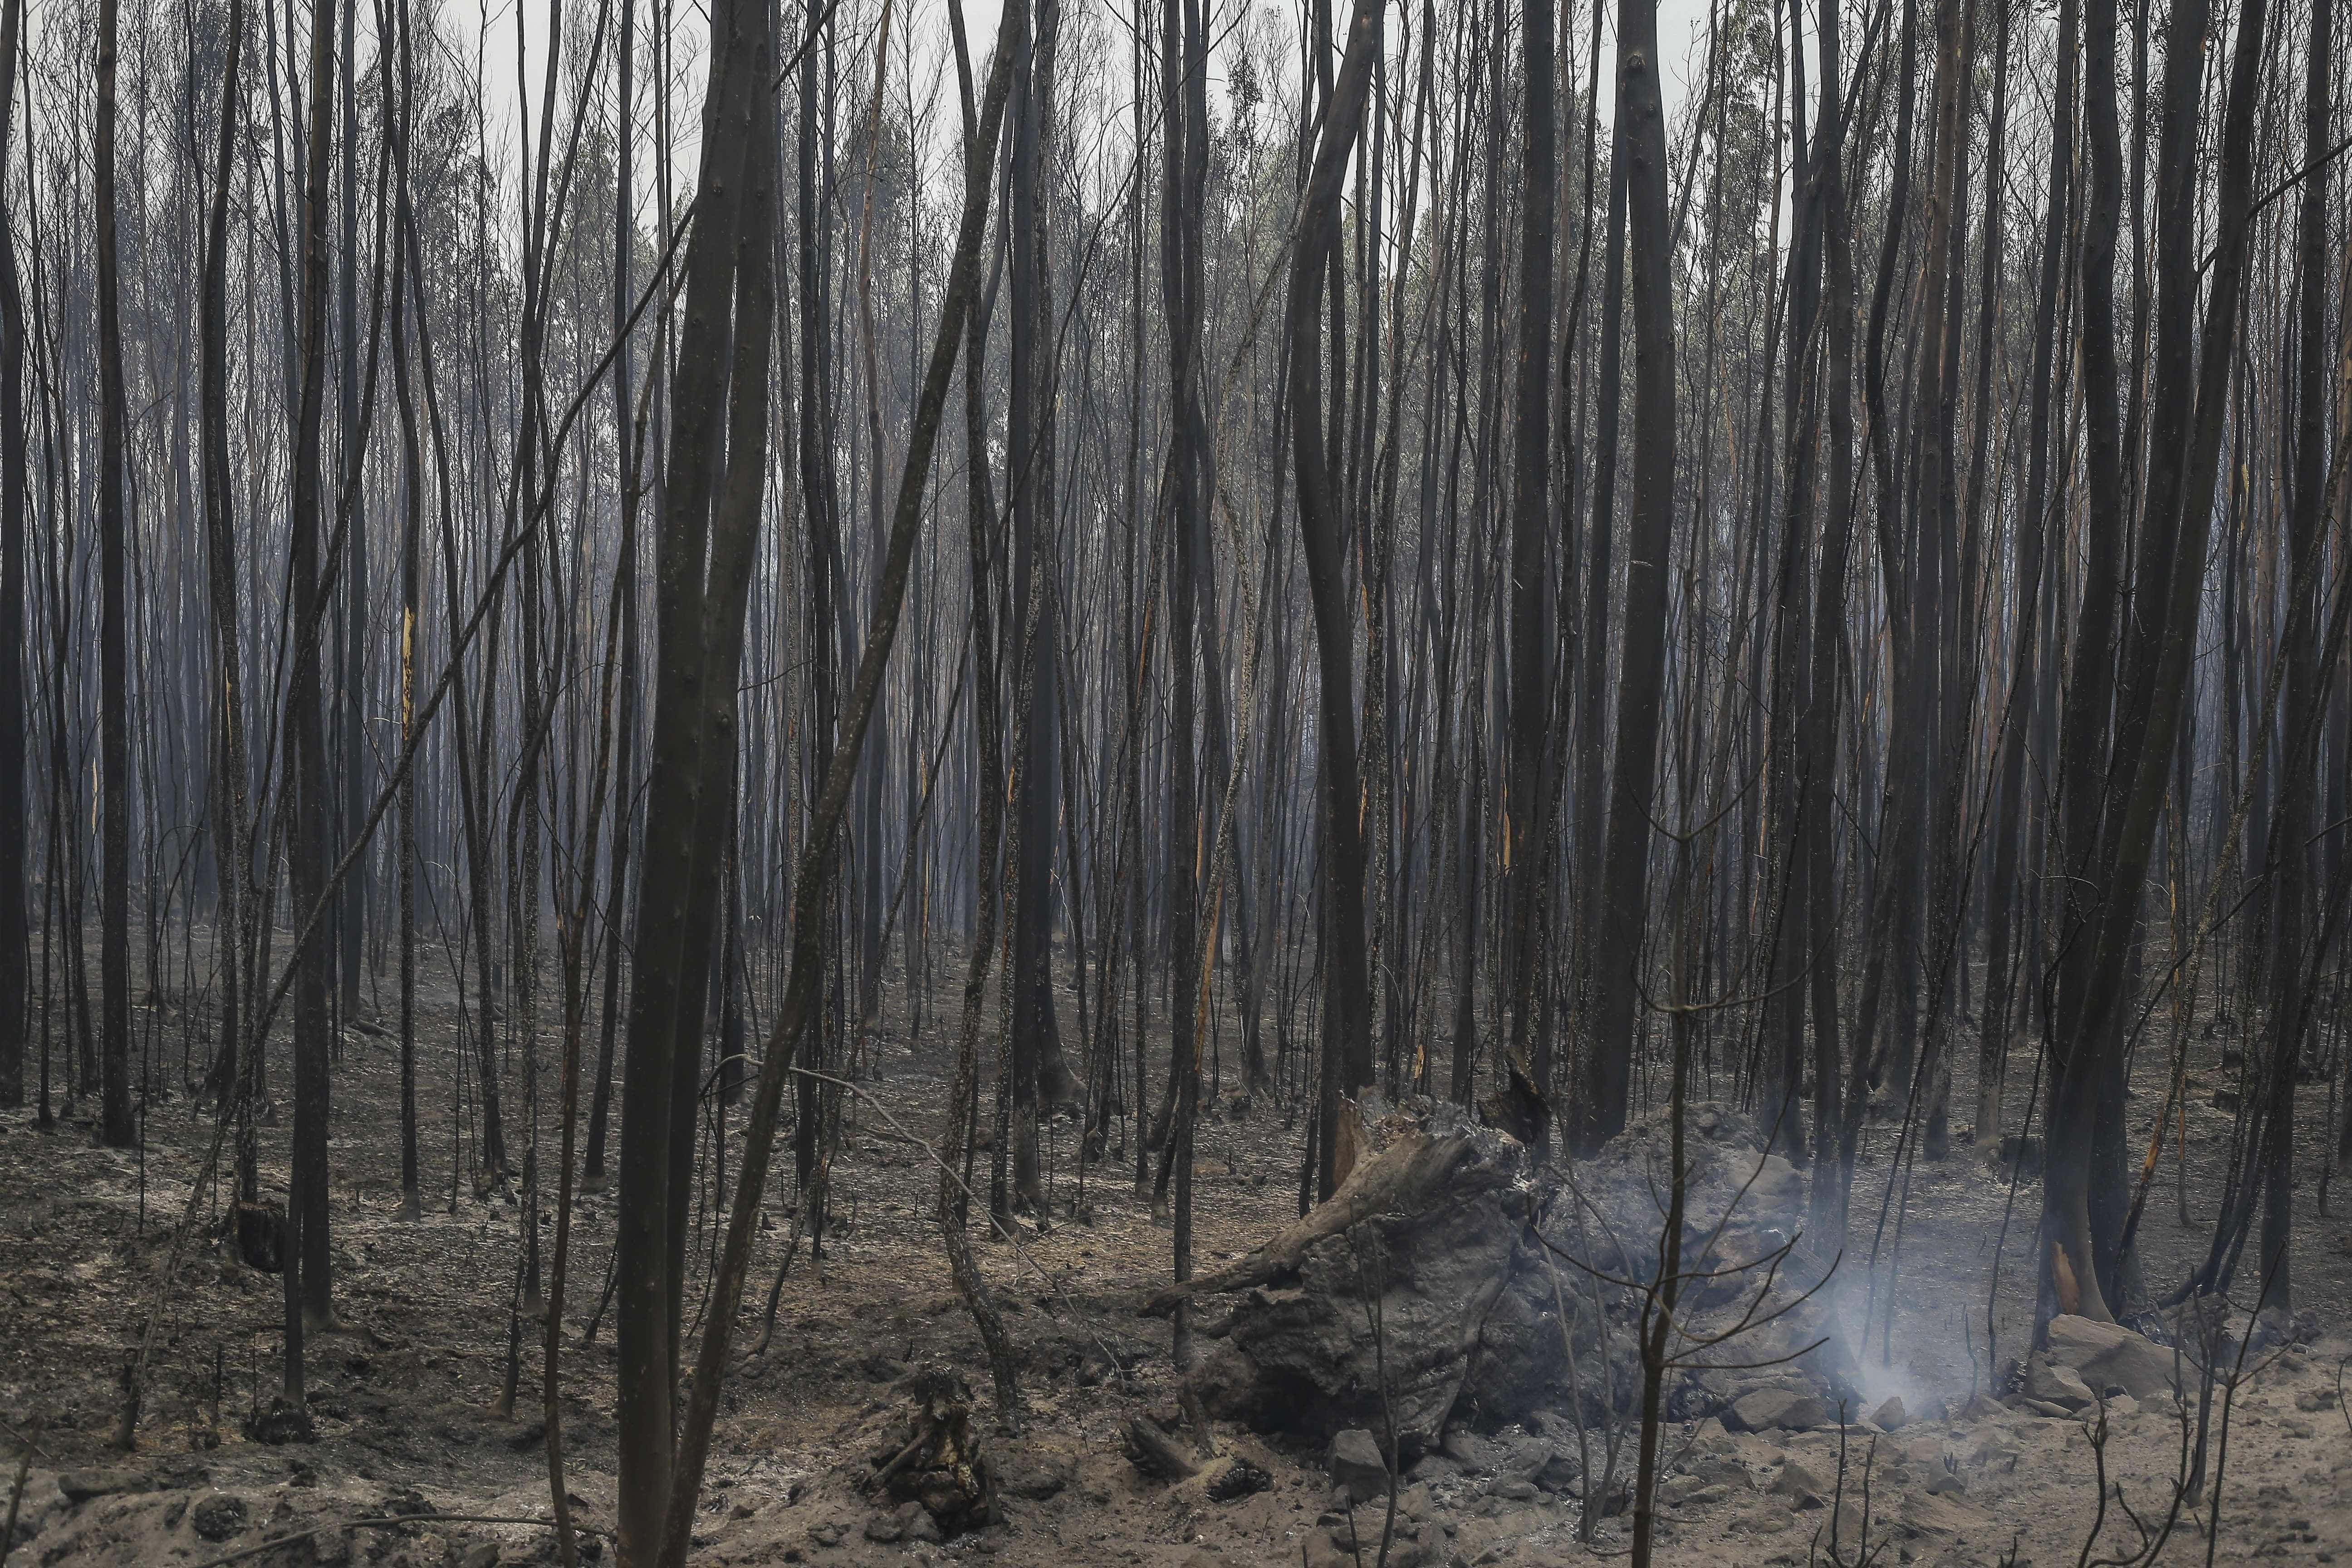 Dominado fogo em Alcanena, distrito de Santarém